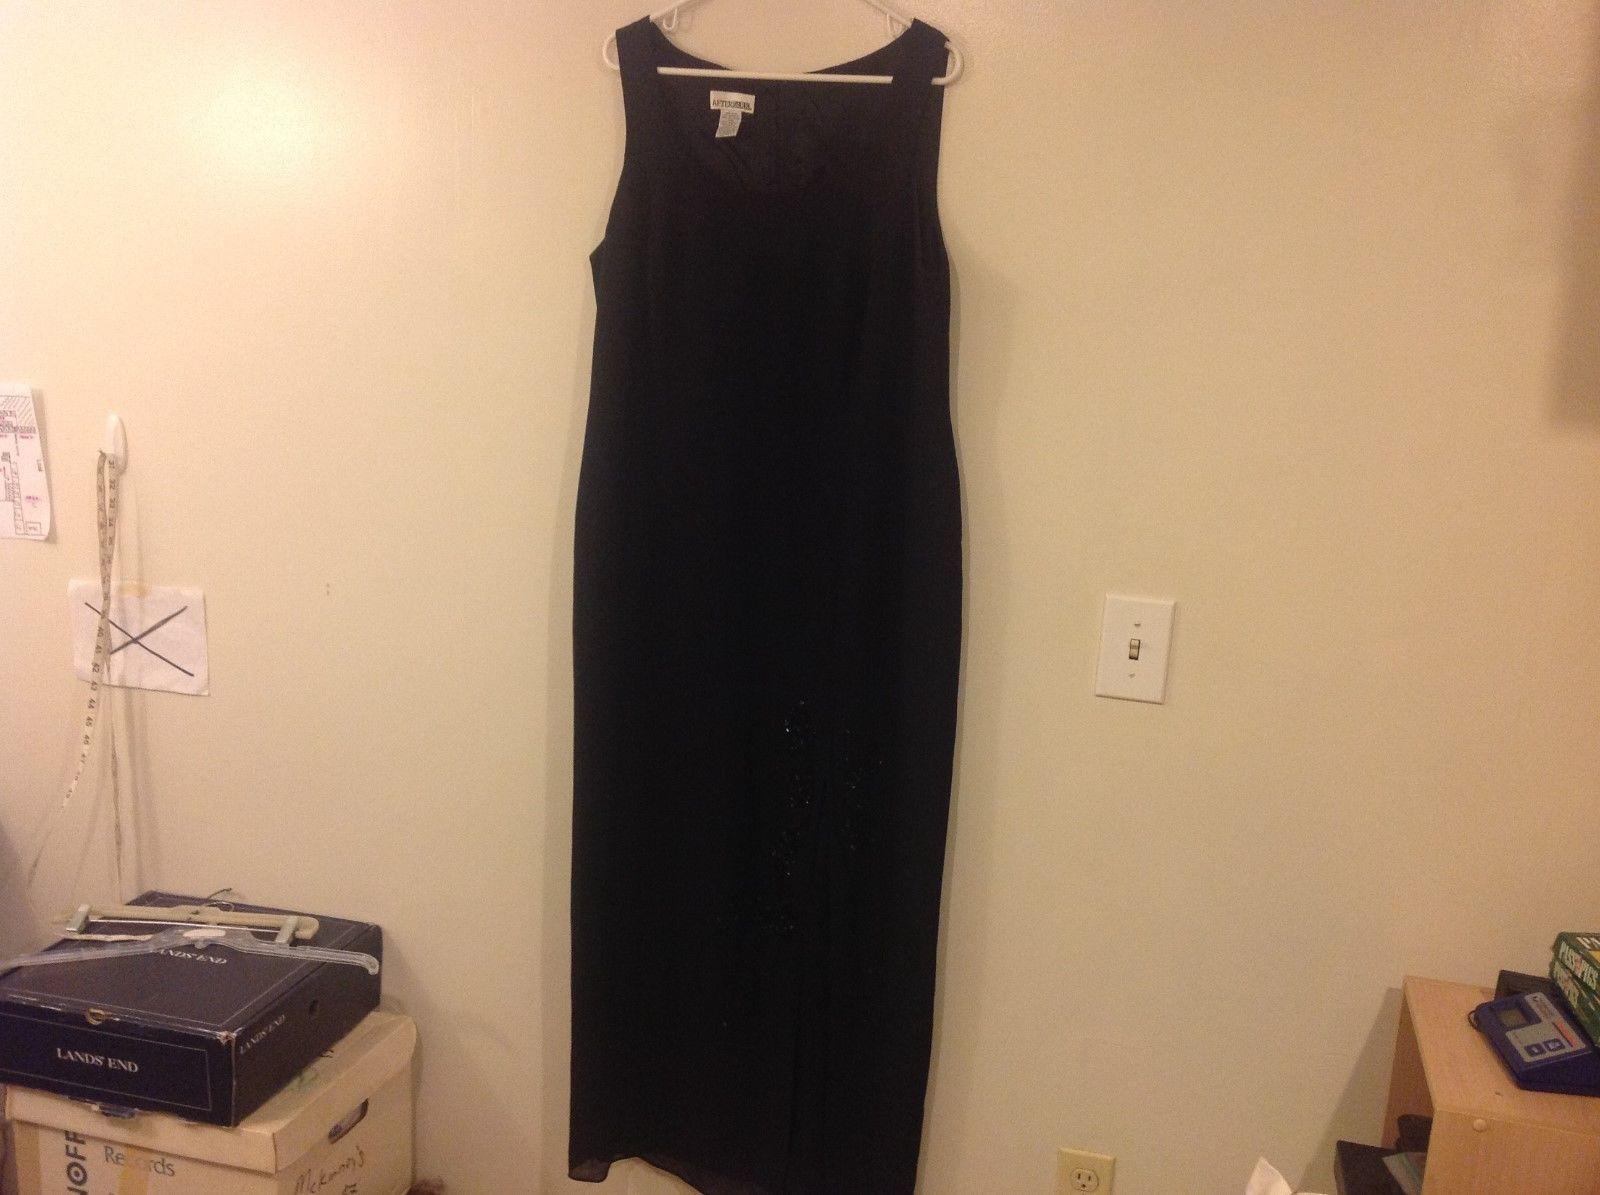 After Dark Black Sleeveless Party Dress Sz 16W